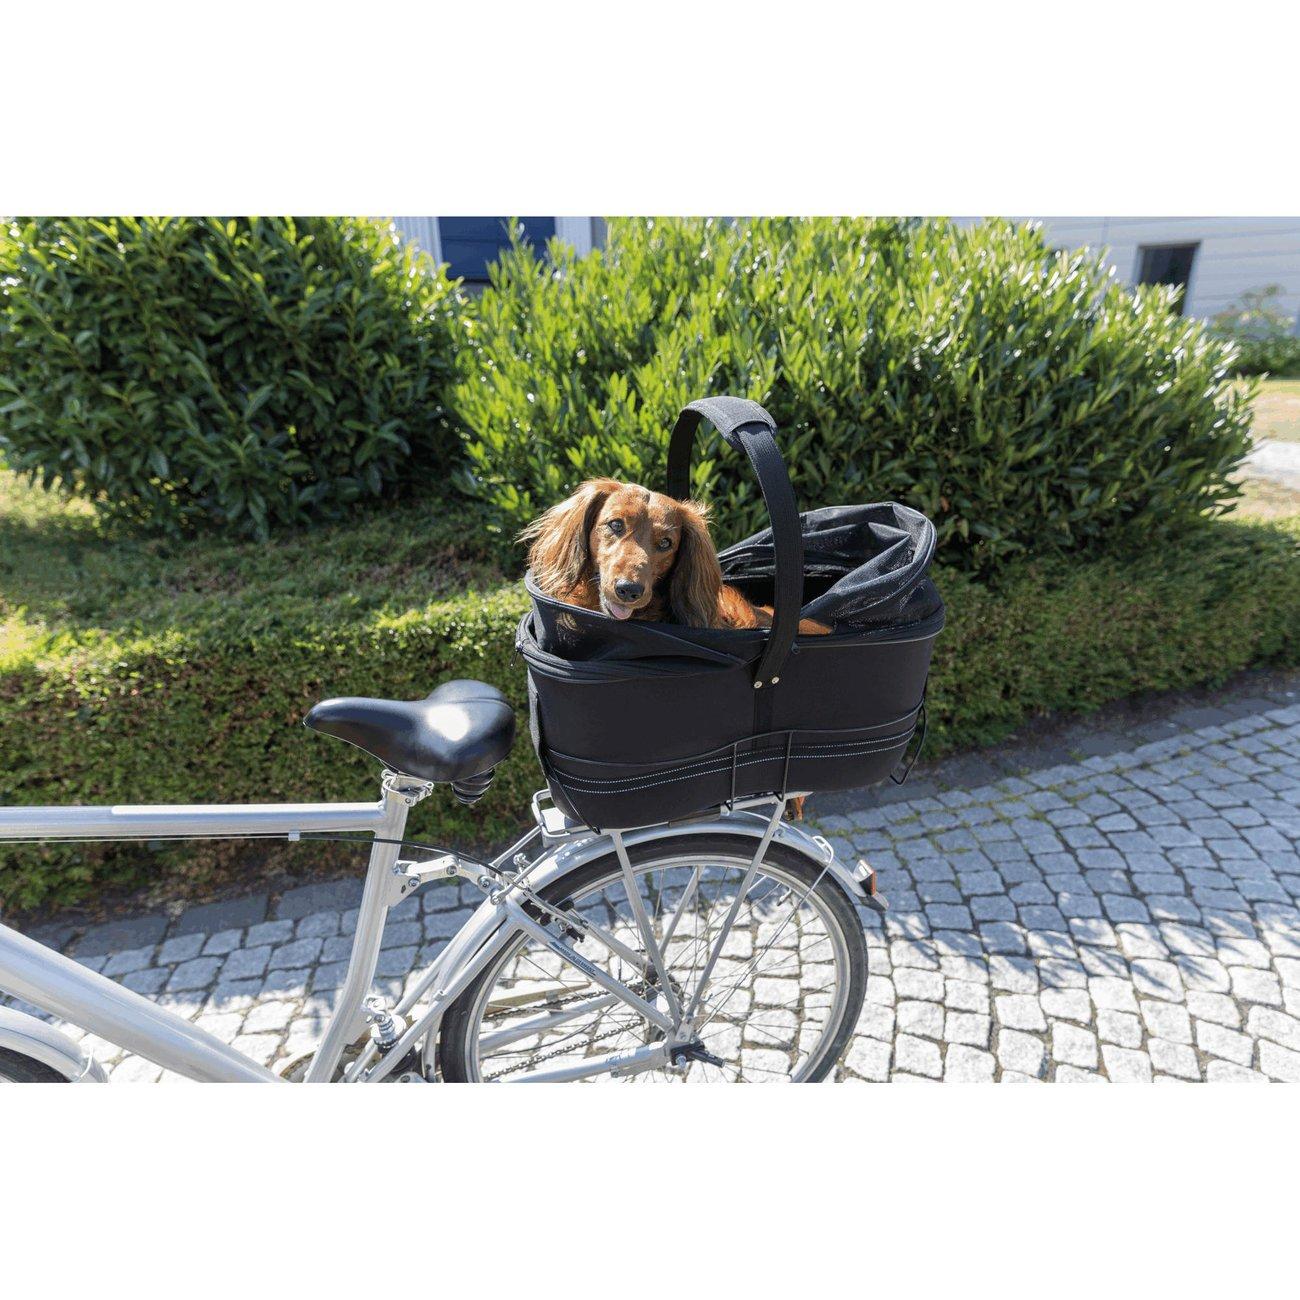 TRIXIE Hunde Fahrradkorb Long für breite Gepäckträger 13110, Bild 20